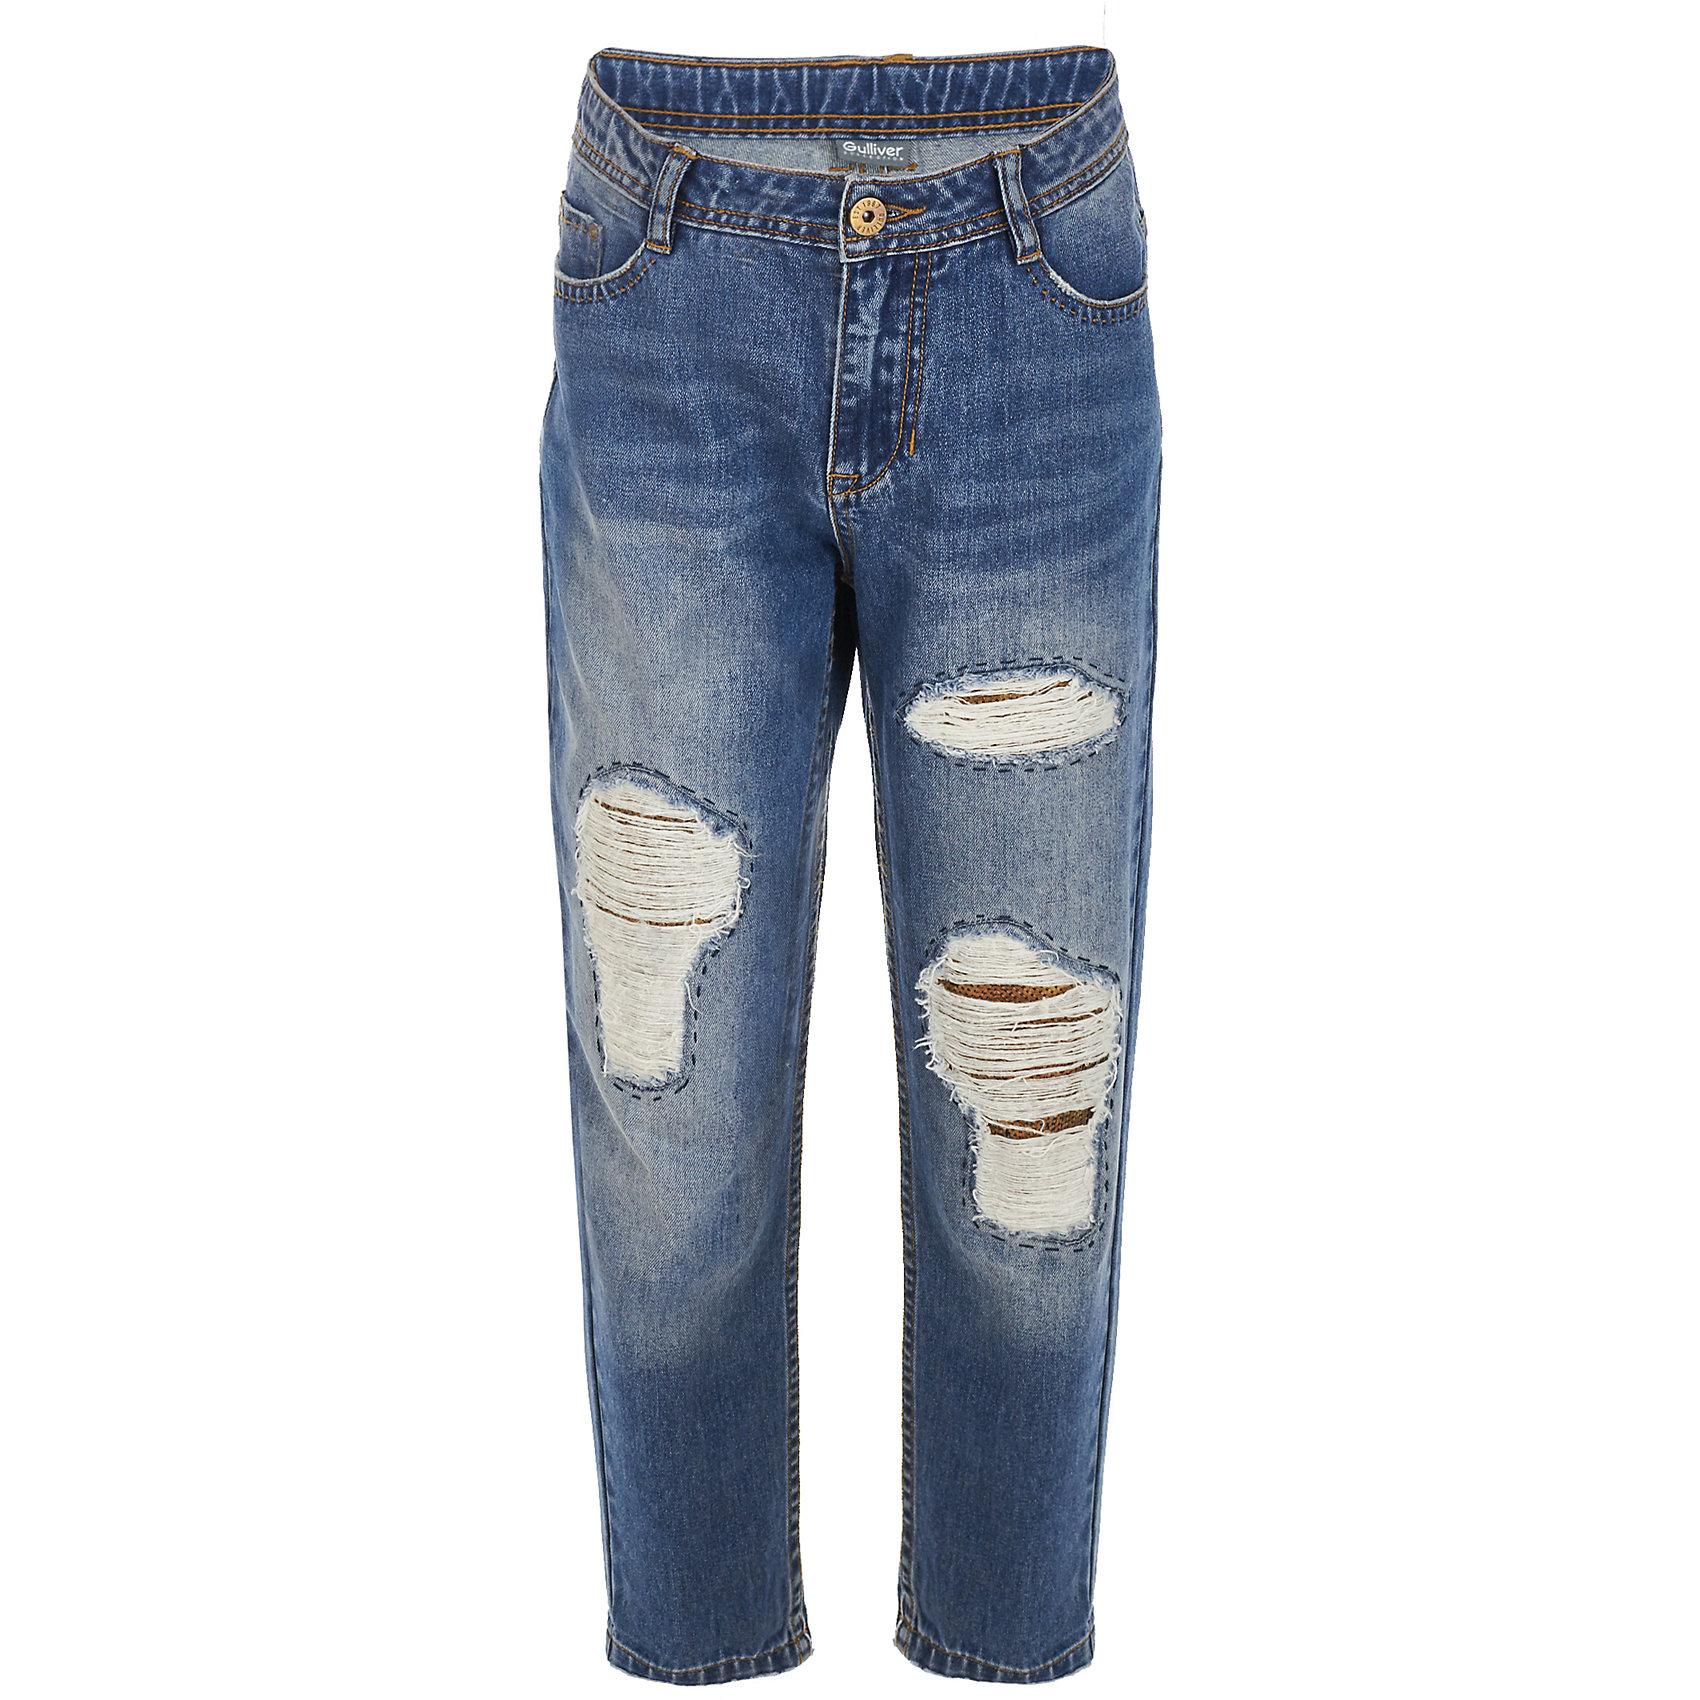 Джинсы Gulliver для девочкиДжинсы<br>Брюки Gulliver для девочки<br>Хит сезона Осень/Зима 2017/2018 - юбка из тонкой искусственной замши! Прекрасный материал, который выглядит интересно и элегантно, но, в отличие от натуральной замши, прост в уходе и способен с легкостью преодолевать многочисленные стирки, делает юбку очень стильной и необычной. Если вы хотите купить детскую юбку, присмотритесь к этой модели! Мягкая, уютная, комфортная, красивая, она подчеркнет индивидуальность девочки-подростка, сделав ее образ интересным и необычным.<br>Состав:<br>верх:  80% полиэстер 20% эластан; подкладка:  50% вискоза  50% полиэстер<br><br>Ширина мм: 215<br>Глубина мм: 88<br>Высота мм: 191<br>Вес г: 336<br>Цвет: синий<br>Возраст от месяцев: 156<br>Возраст до месяцев: 168<br>Пол: Женский<br>Возраст: Детский<br>Размер: 164,146,152,158<br>SKU: 7077186